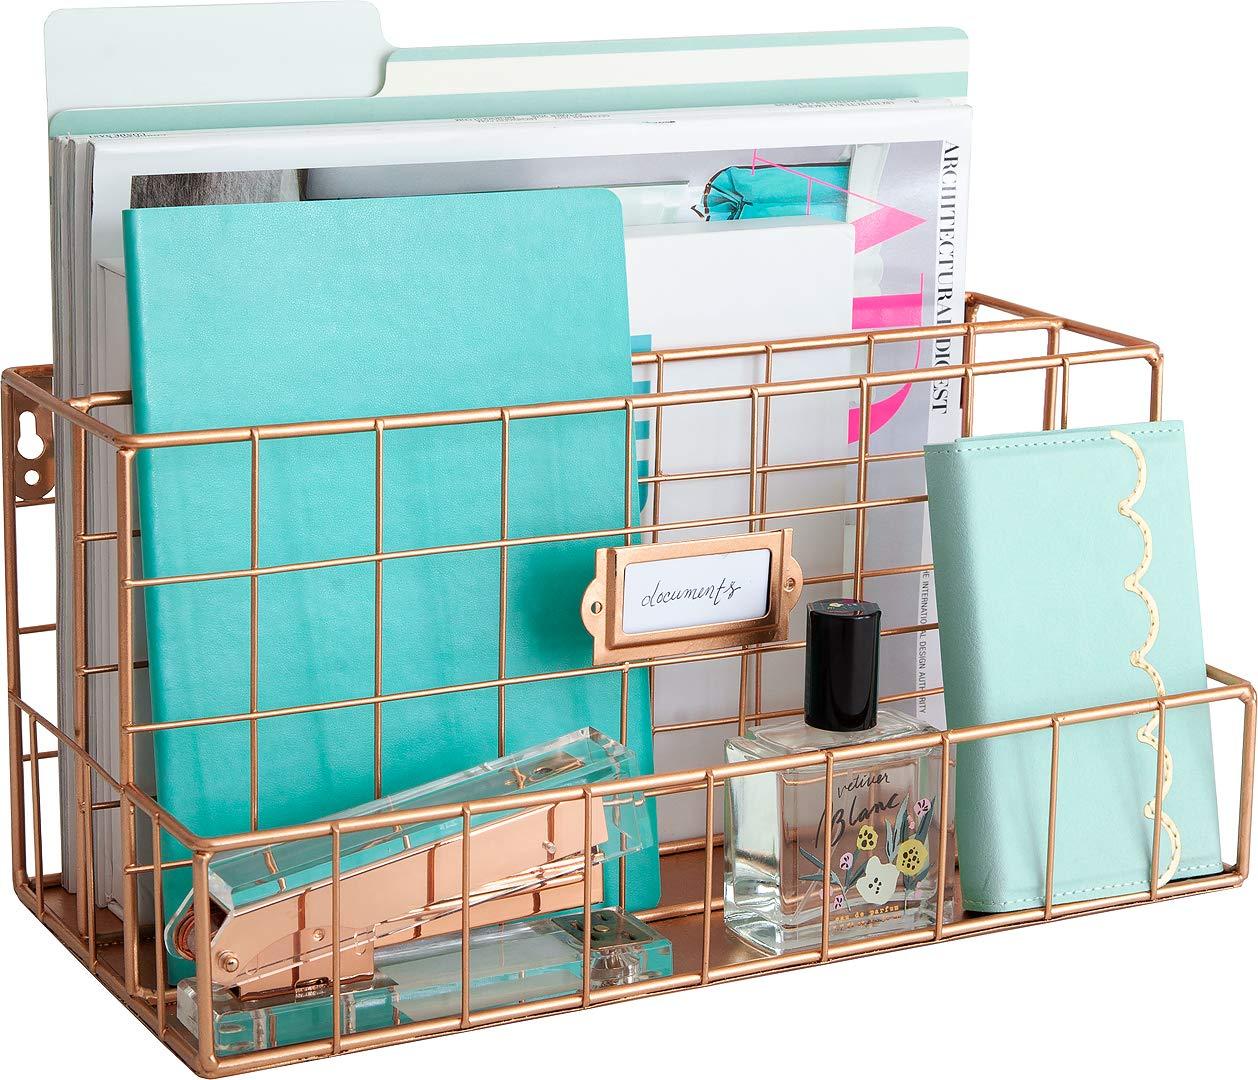 Blu Monaco Rose Gold Desk Organizer - Mail Organizer - 2 Tier Mail Basket - Metal Mail Sorter Inbox - Desk Accessories Women Office